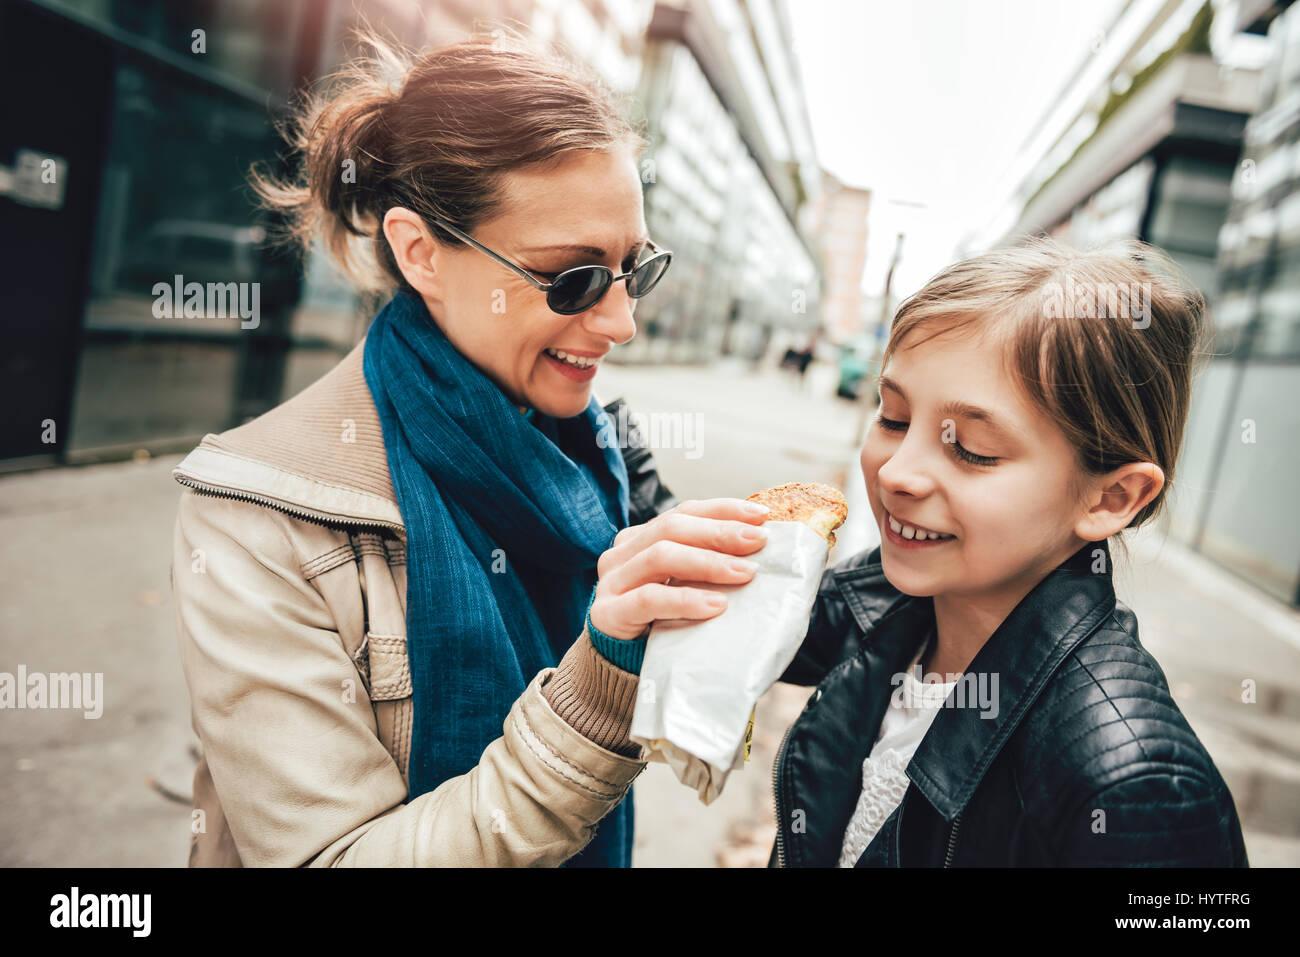 Caminando por la ciudad madre e hija compartiendo bocadillo Imagen De Stock